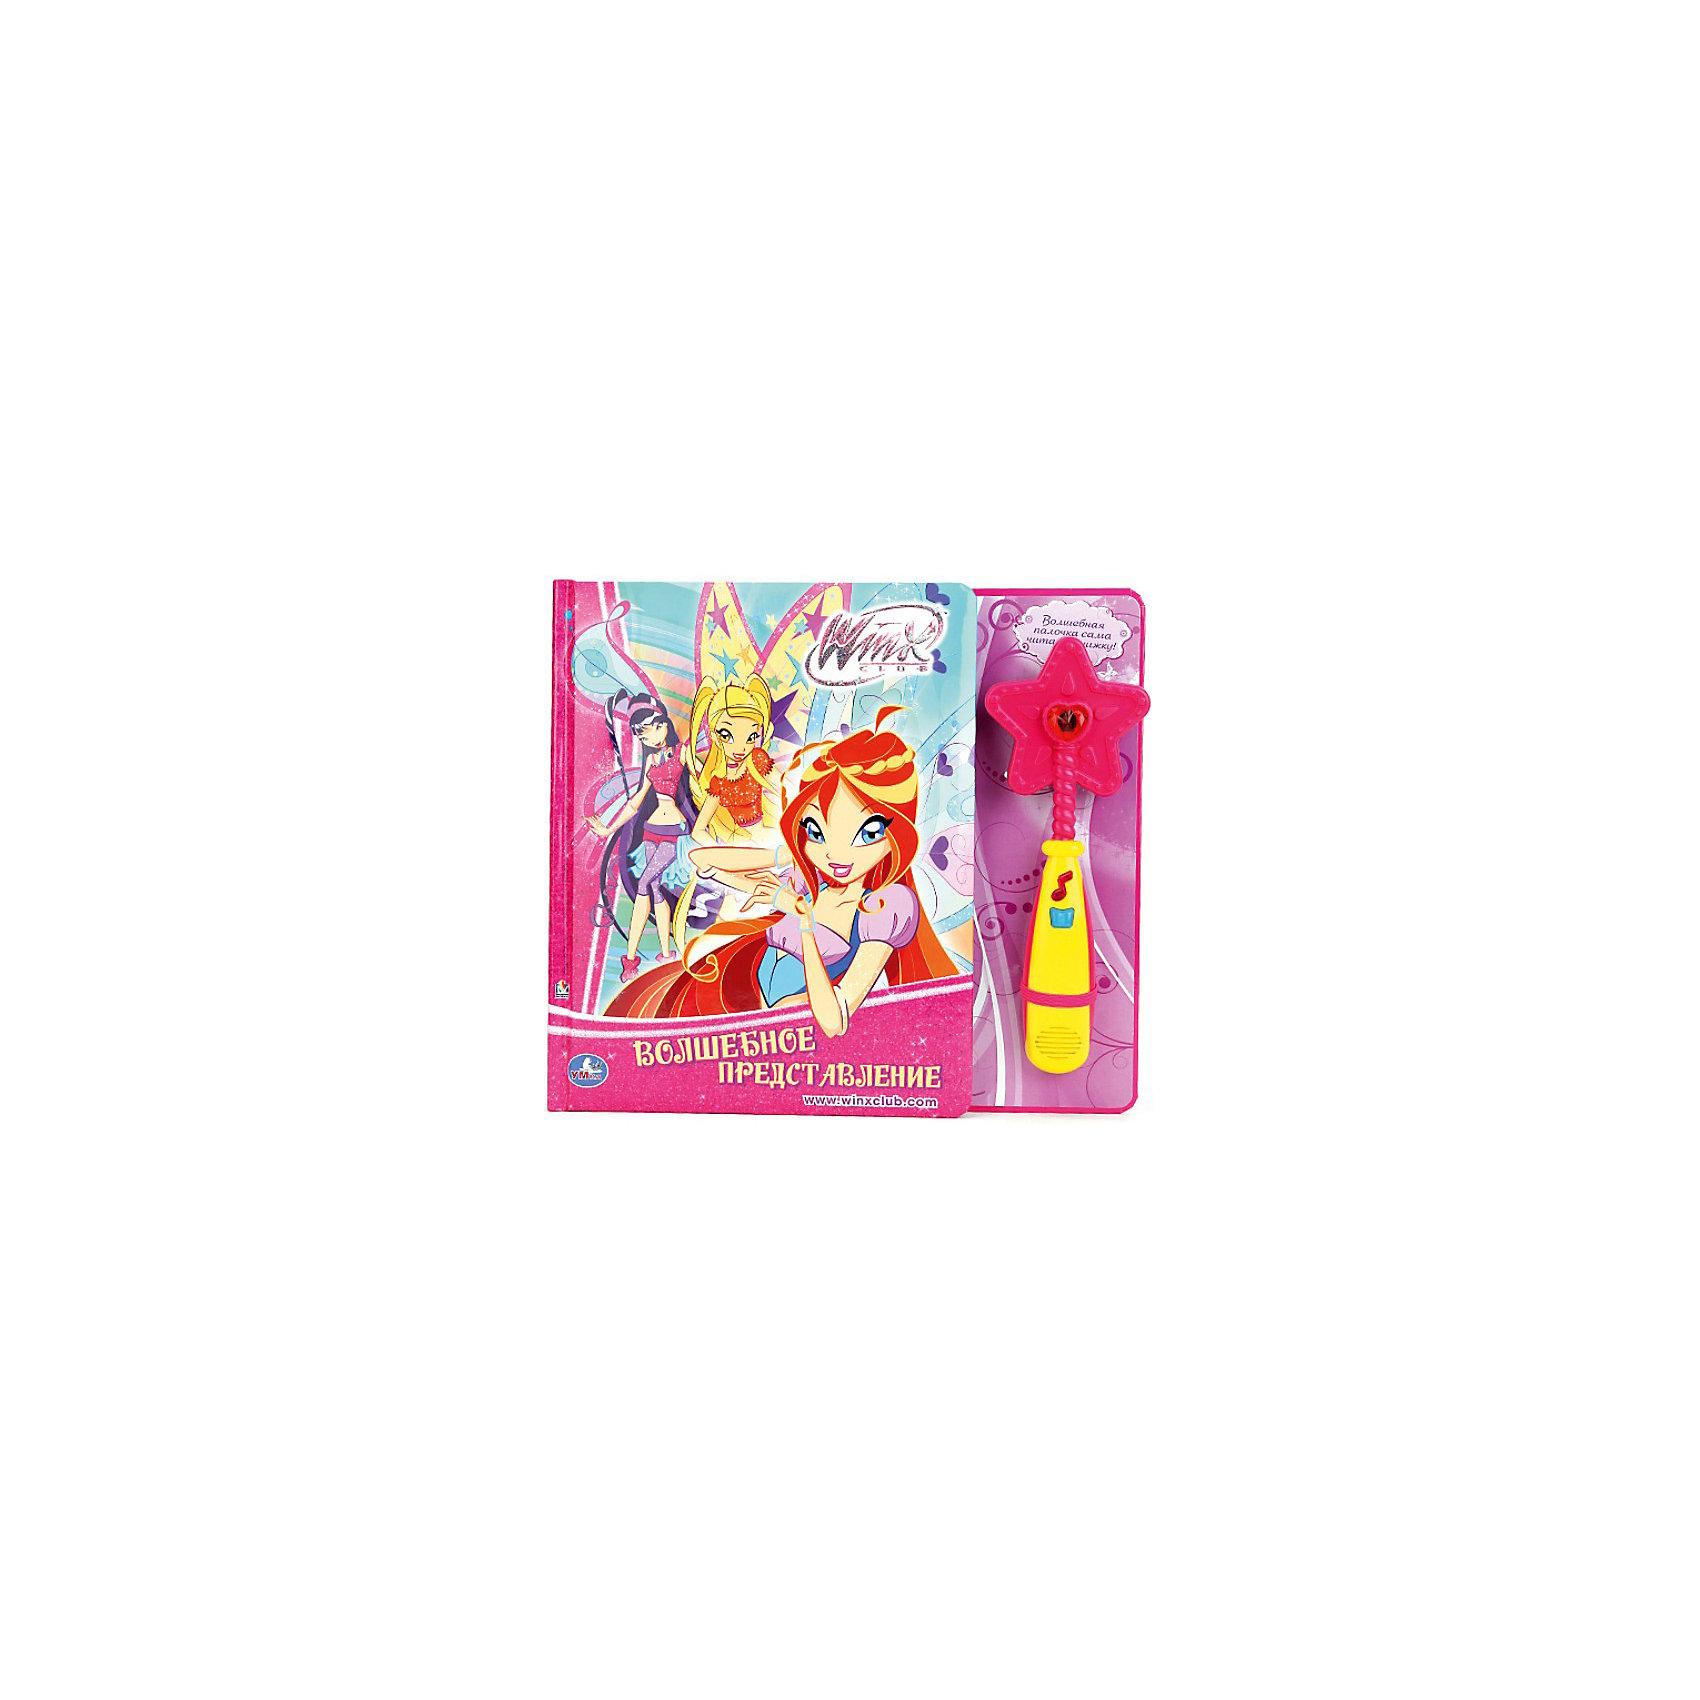 Книга с волшебной палочкой Волшебное представление, Winx ClubВсе дети мечтают, чтобы чудеса происходили по взмаху волшебной палочки! Теперь Вы можете исполнить мечту своей крошки! Подарите ей чудесную книгу «Винкс. Волшебное представление», в комплекте с которой малышка найдет волшебную палочку, которая не только сверкает, но и рассказывает замечательные истории. Прикасаясь волшебной палочкой к страничкам Ваша маленькая принцесса сможет услышать фразы любимых персонажей, музыкальные советы, а также веселые песенки! Эта красочная книжка станет прекрасным подарком для маленьких принцесс. Читай истории, рассматривай картинки и пусть чудеса творятся по одному взмаху волшебной палочки!<br><br>Дополнительная информация:<br><br>- В комплекте: волшебная палочка, книга;<br>- Количество страниц: 16;<br>- Песенки и фразы из любимого мультфильма;<br>- Замечательные истории про фей Винкс (Winx);<br>- Плотные, красочные страницы;<br>- Прекрасный подарок любительнице мультфильмов про фей Винкс (Winx);<br>- Размер: 27 х 25 х 2 см;<br>- Вес: 620 г<br><br>Книгу с волшебной палочкой Винкс. Волшебное представление, Умка можно купить в нашем интернет-магазине.<br><br>Ширина мм: 270<br>Глубина мм: 250<br>Высота мм: 20<br>Вес г: 620<br>Возраст от месяцев: 12<br>Возраст до месяцев: 84<br>Пол: Женский<br>Возраст: Детский<br>SKU: 3920314